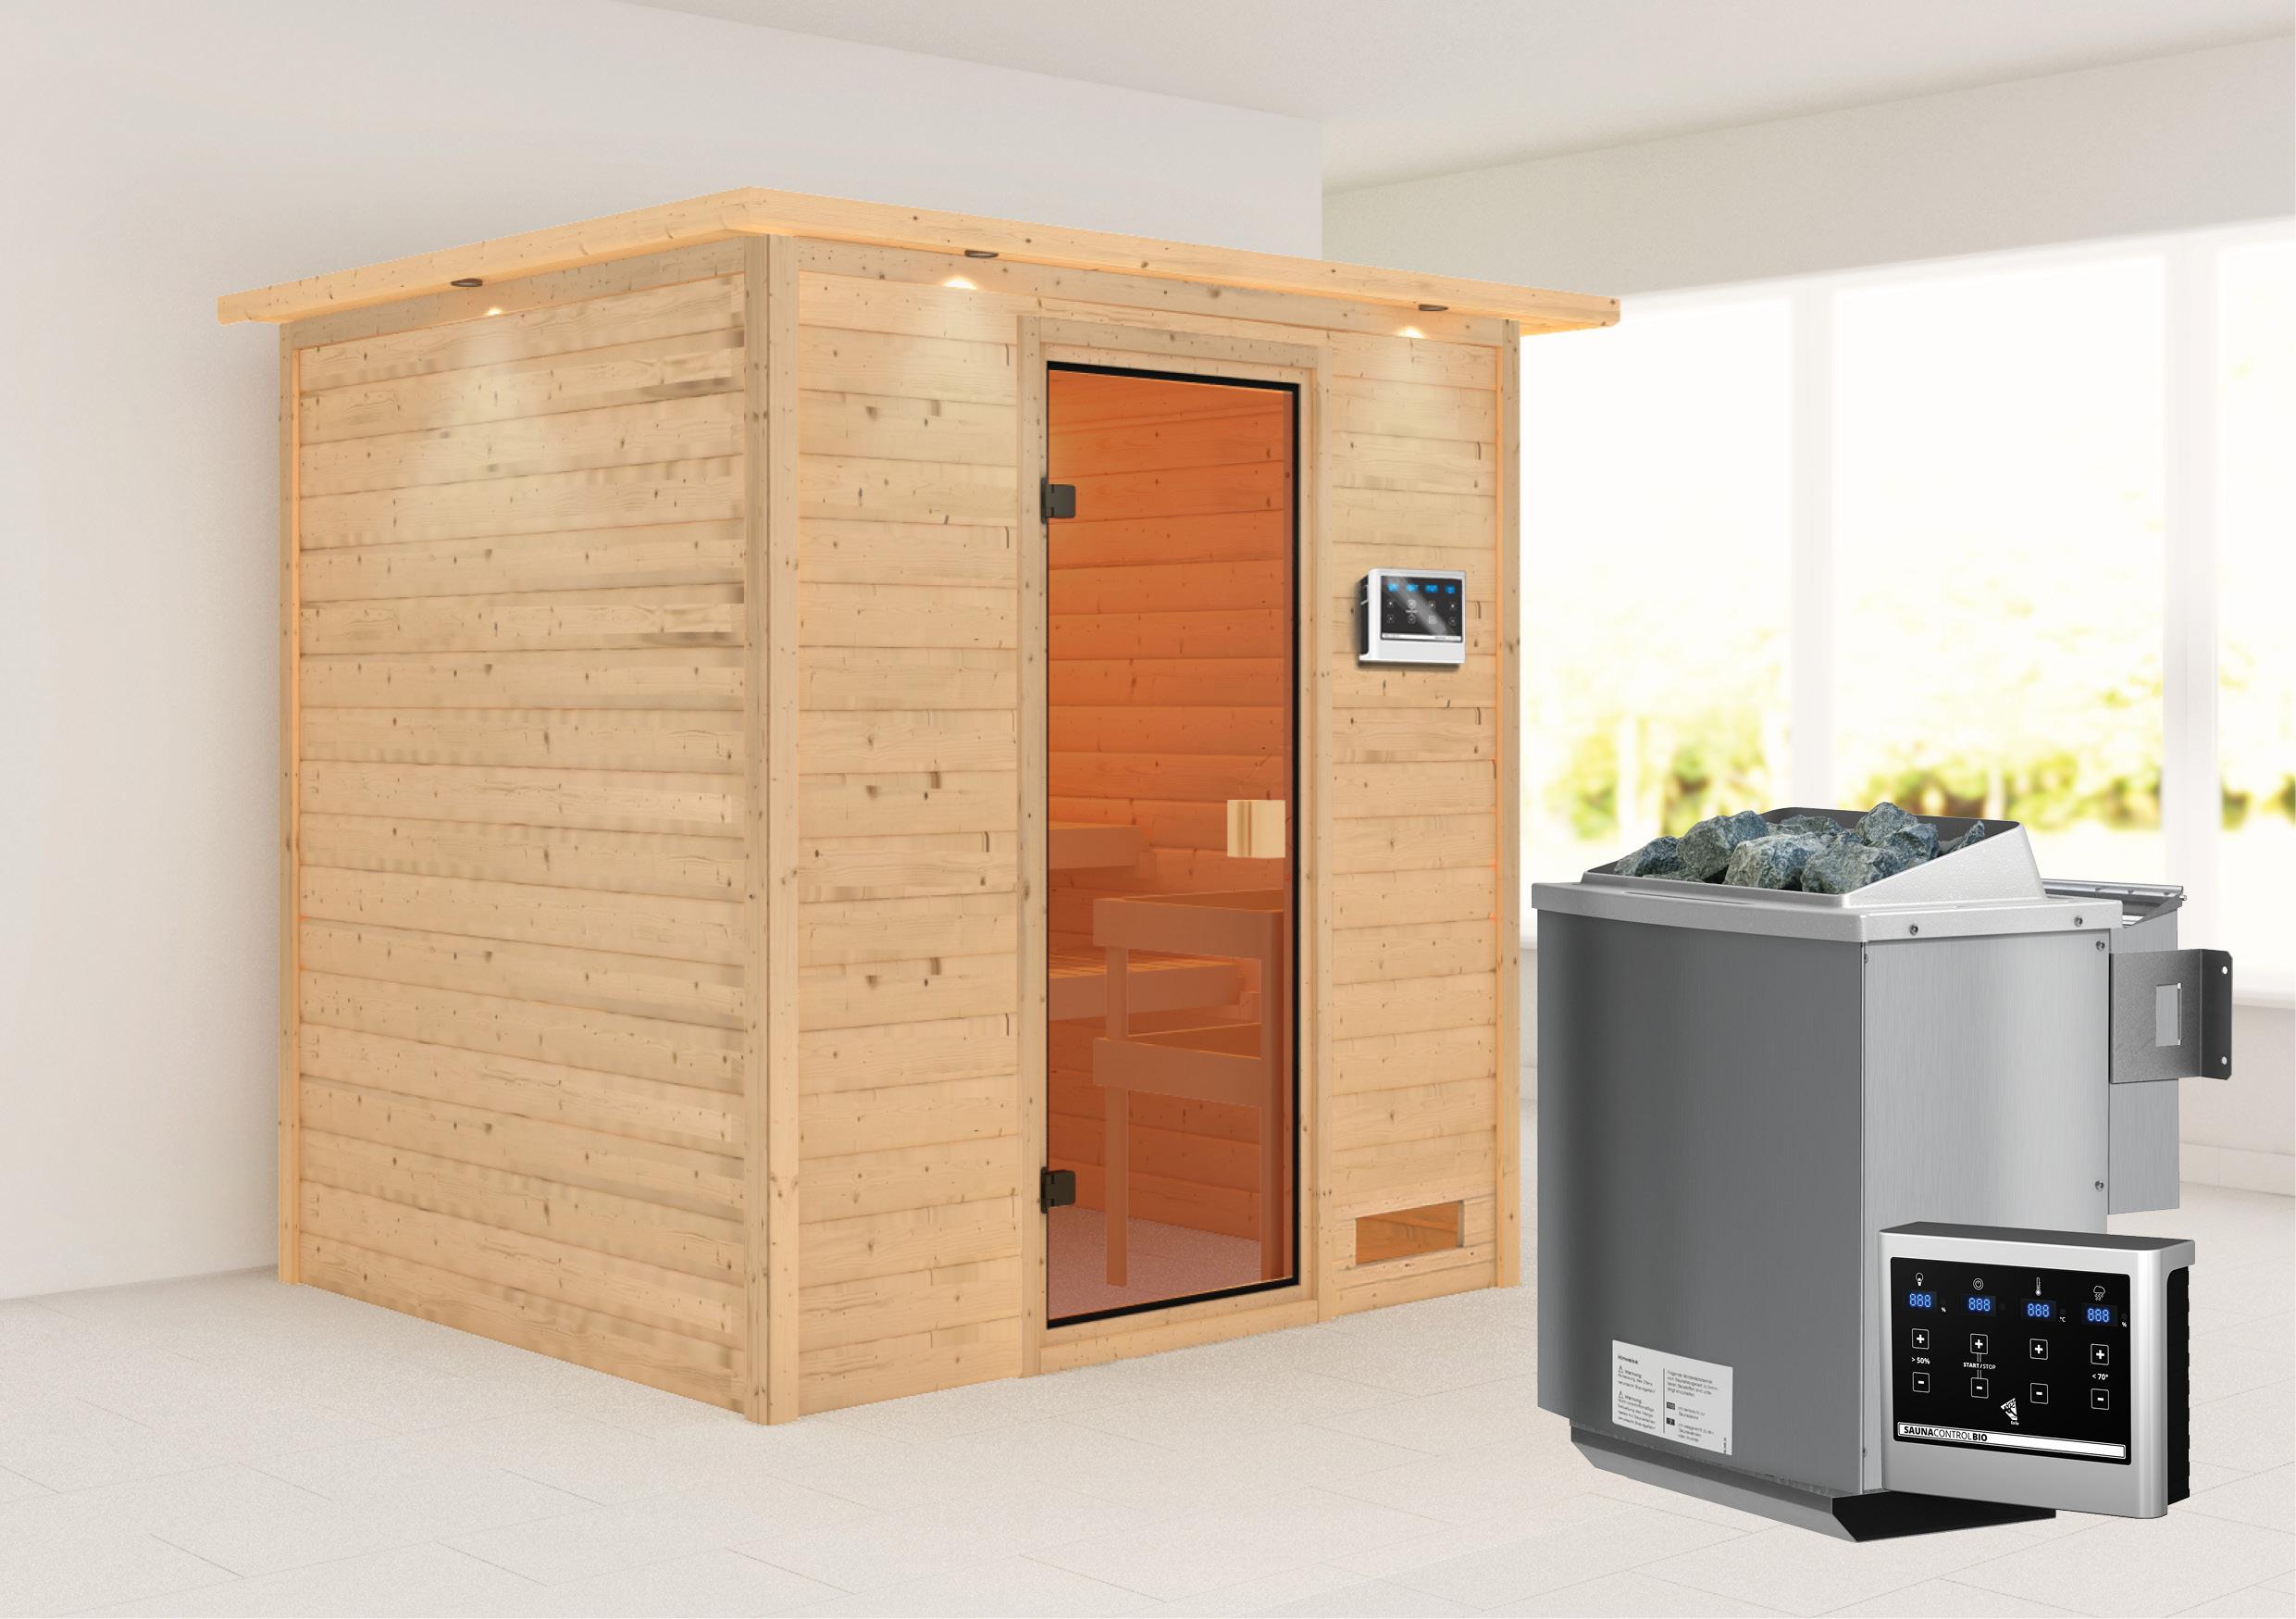 WoodFeeling Sauna Anja 38mm Bio Saunaofen 9kW extern Kranz Classic Tür Bild 1